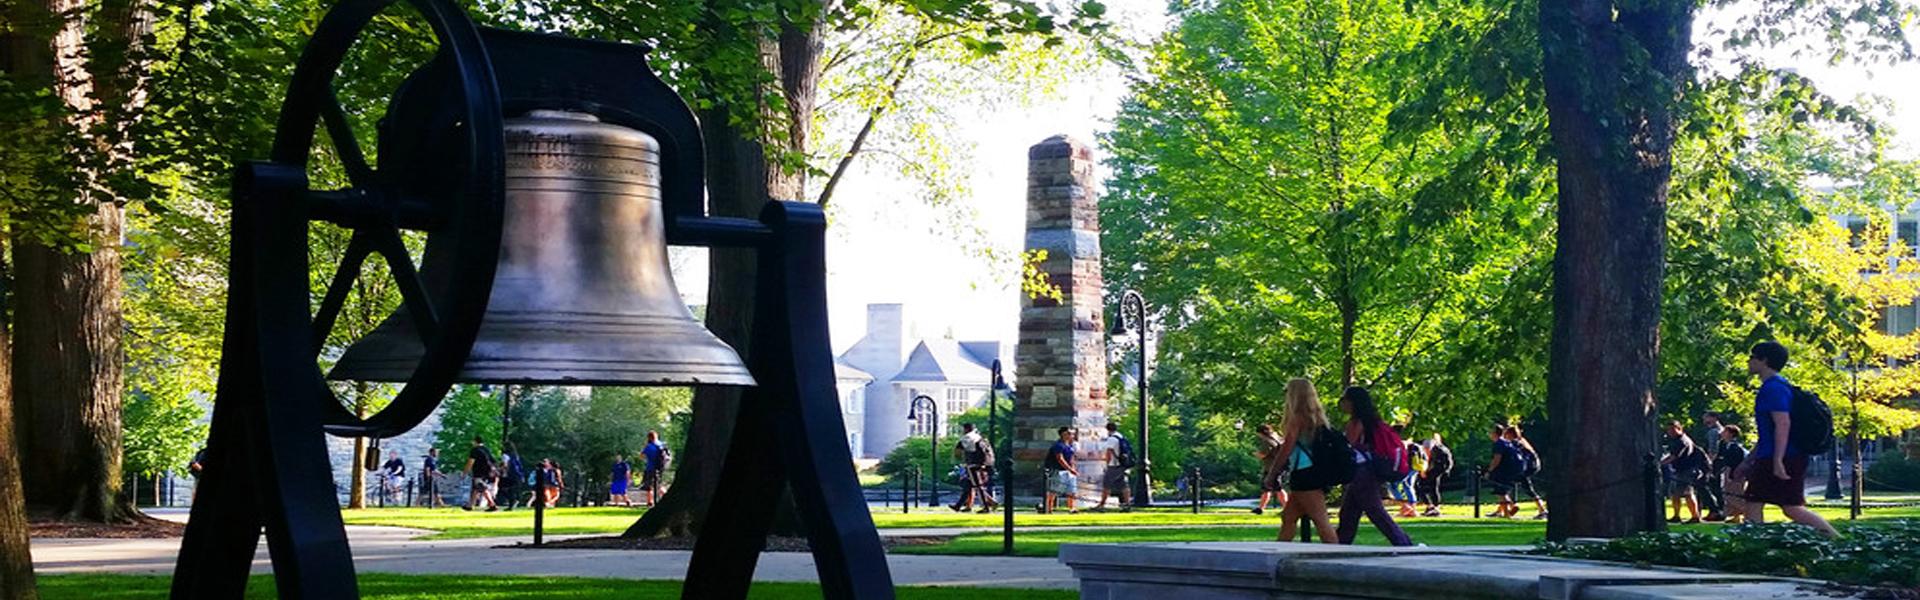 PSU Bell